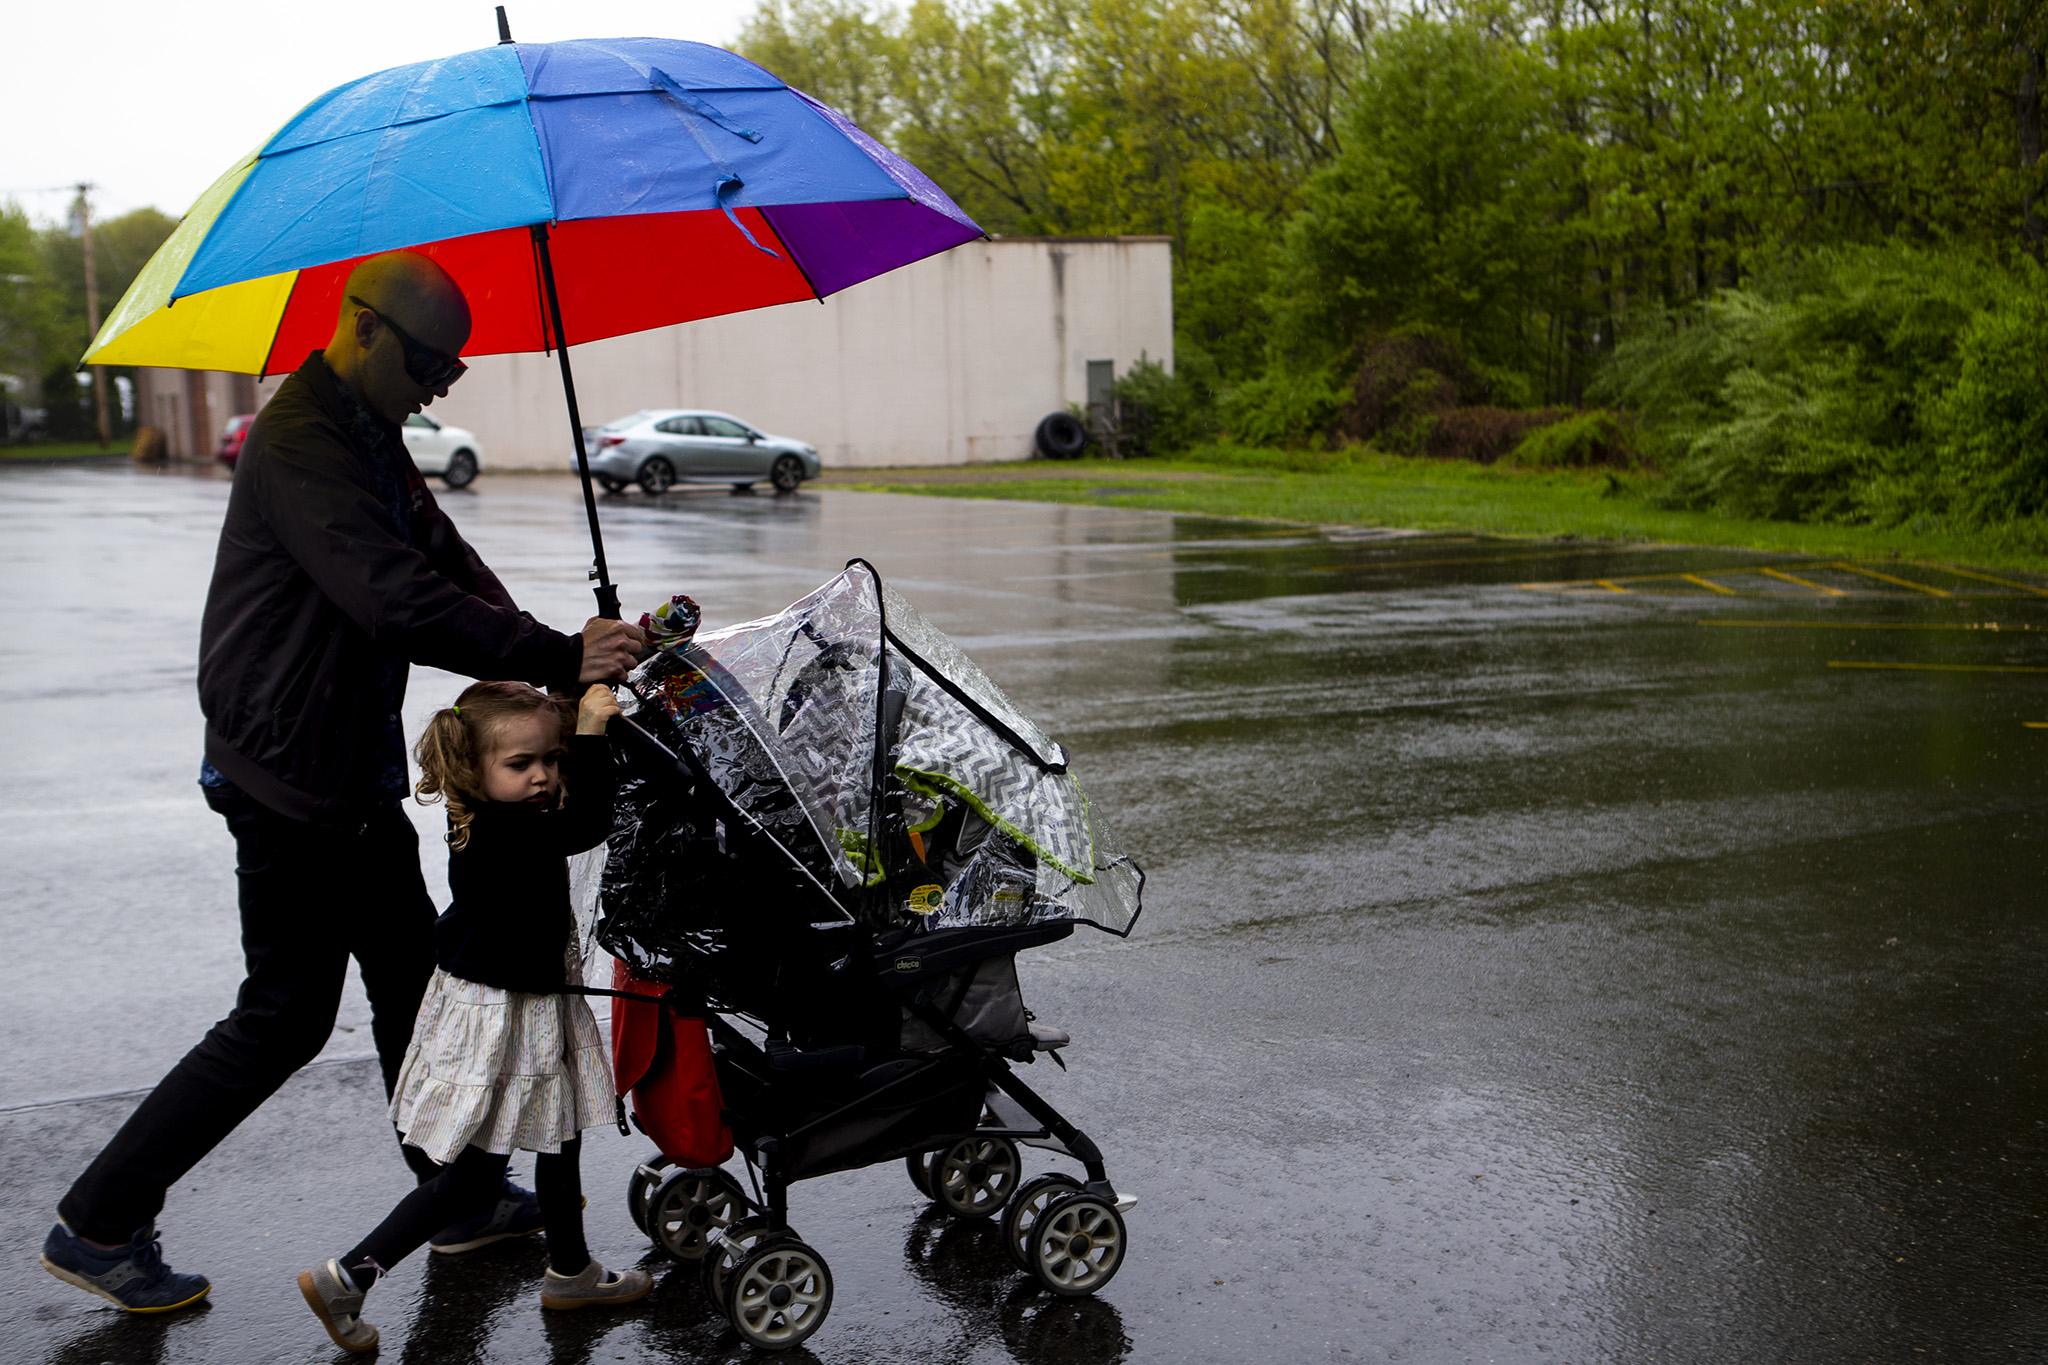 parenting-toddler-newborn-rainbow-umbrella.png